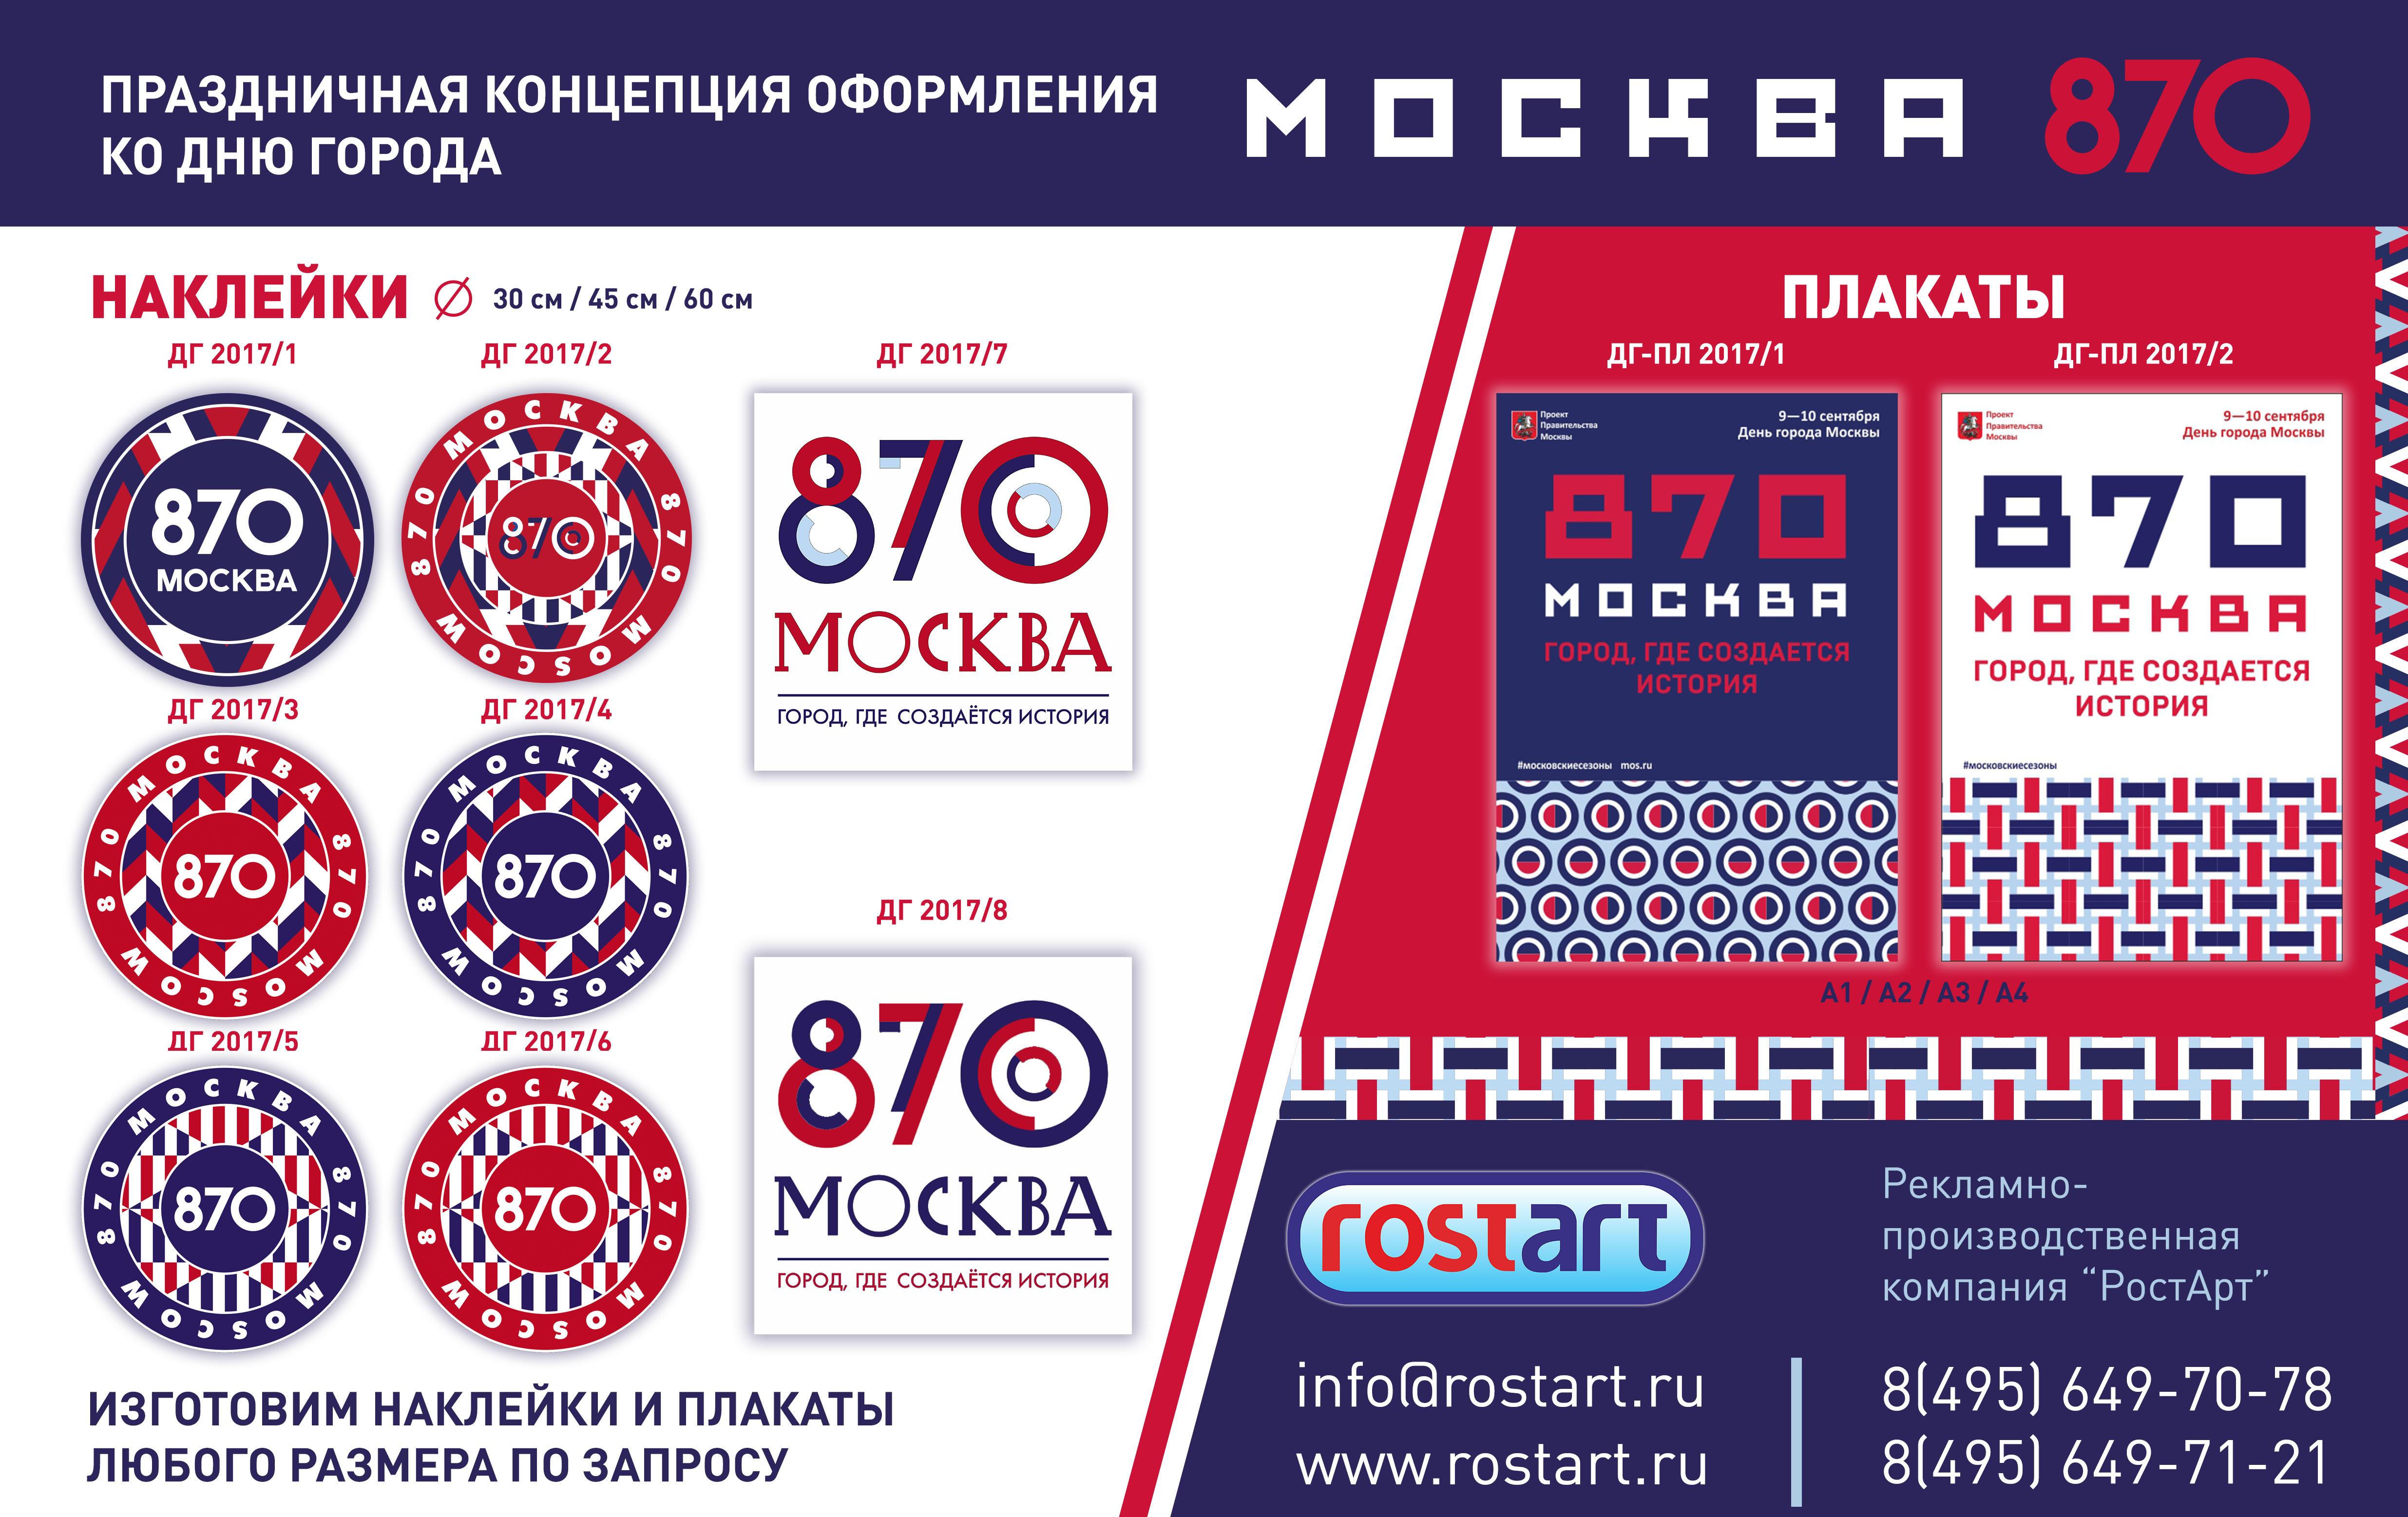 Праздничная концепция оформления Москвы ко Дню города 870 1